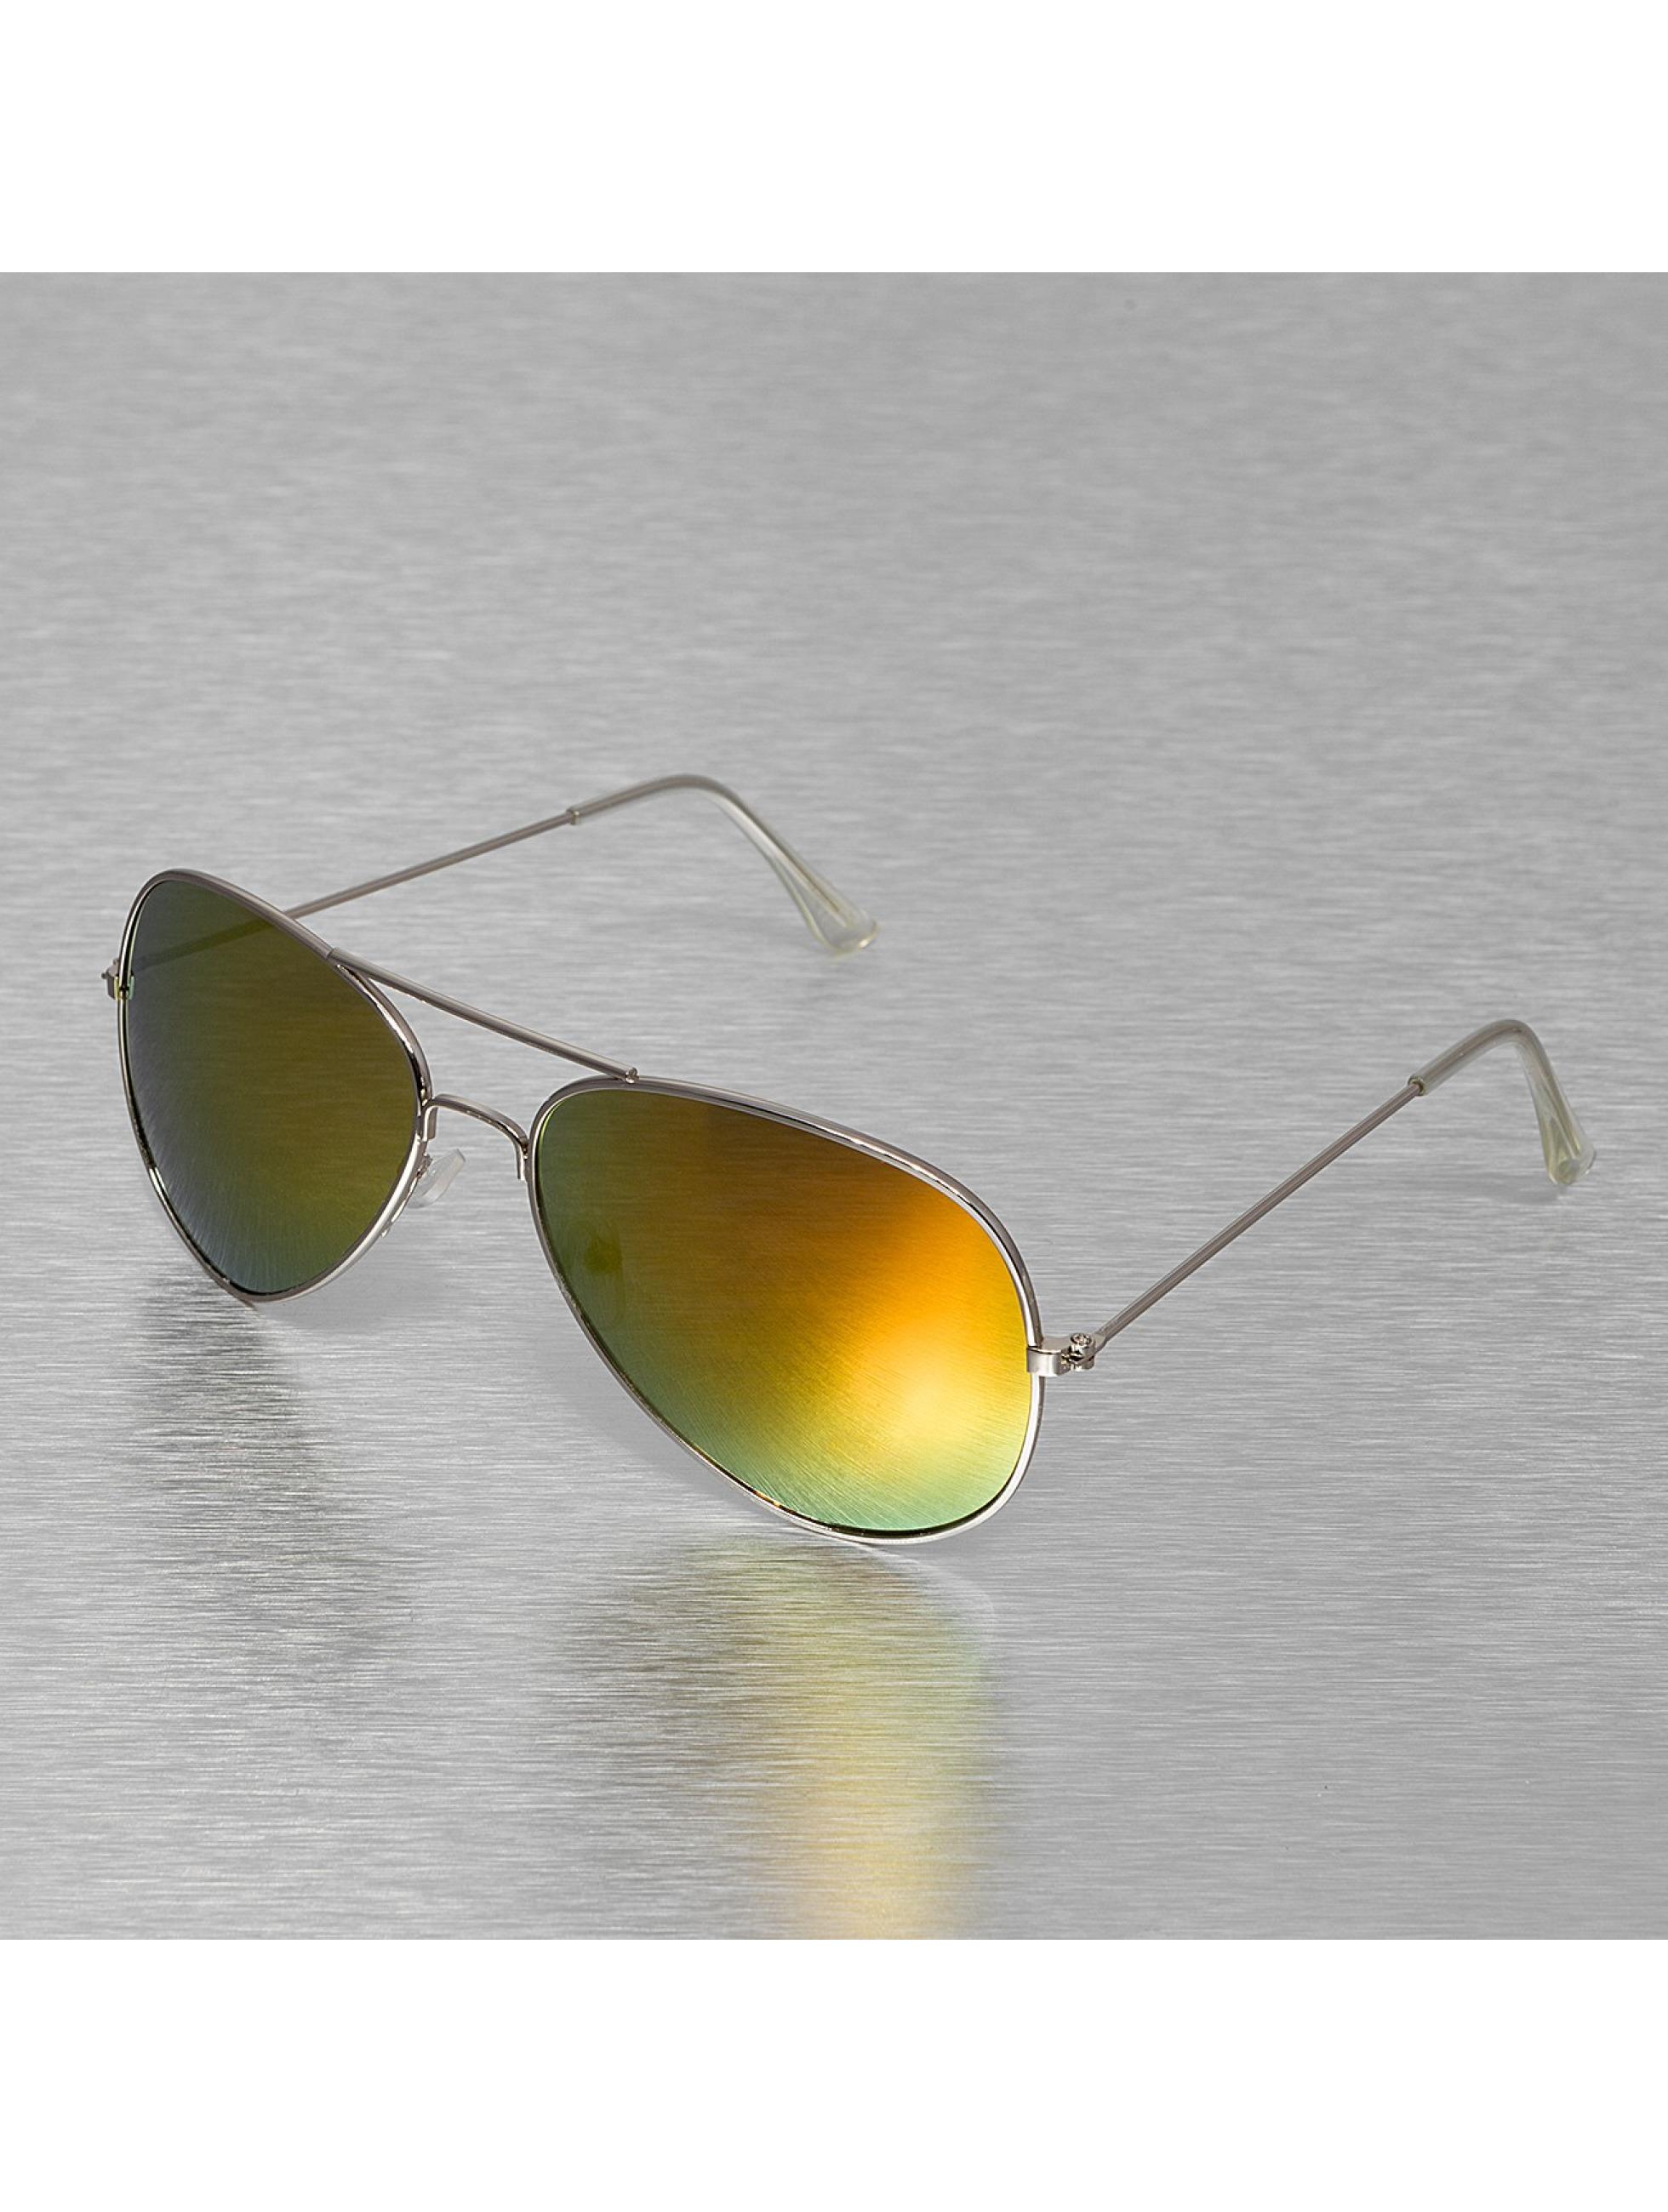 Miami Vision Accessoires / Lunettes de soleil Vision en argent